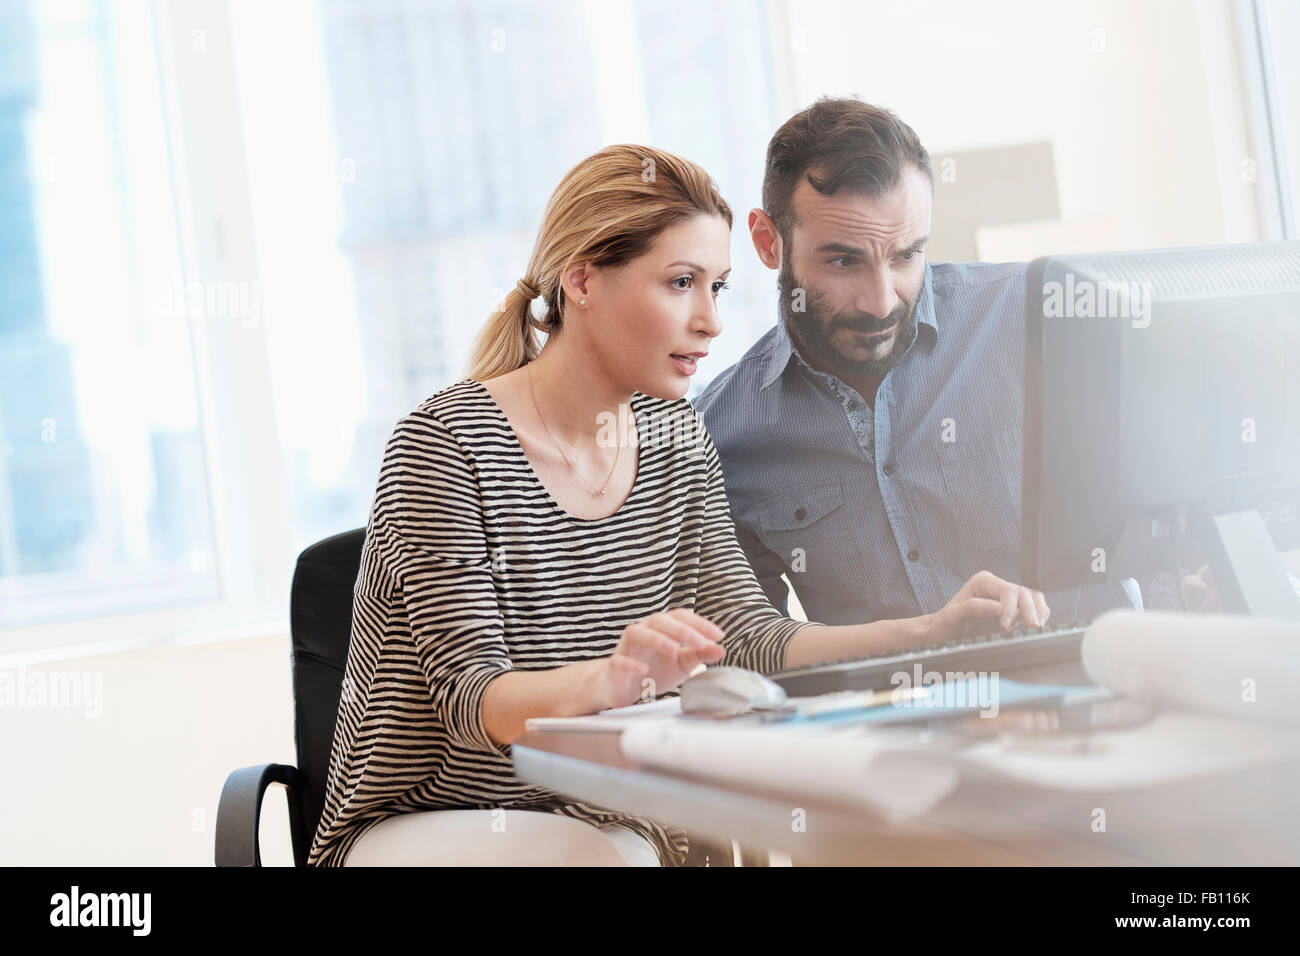 Uomo e donna che guarda al computer in ufficio Immagini Stock